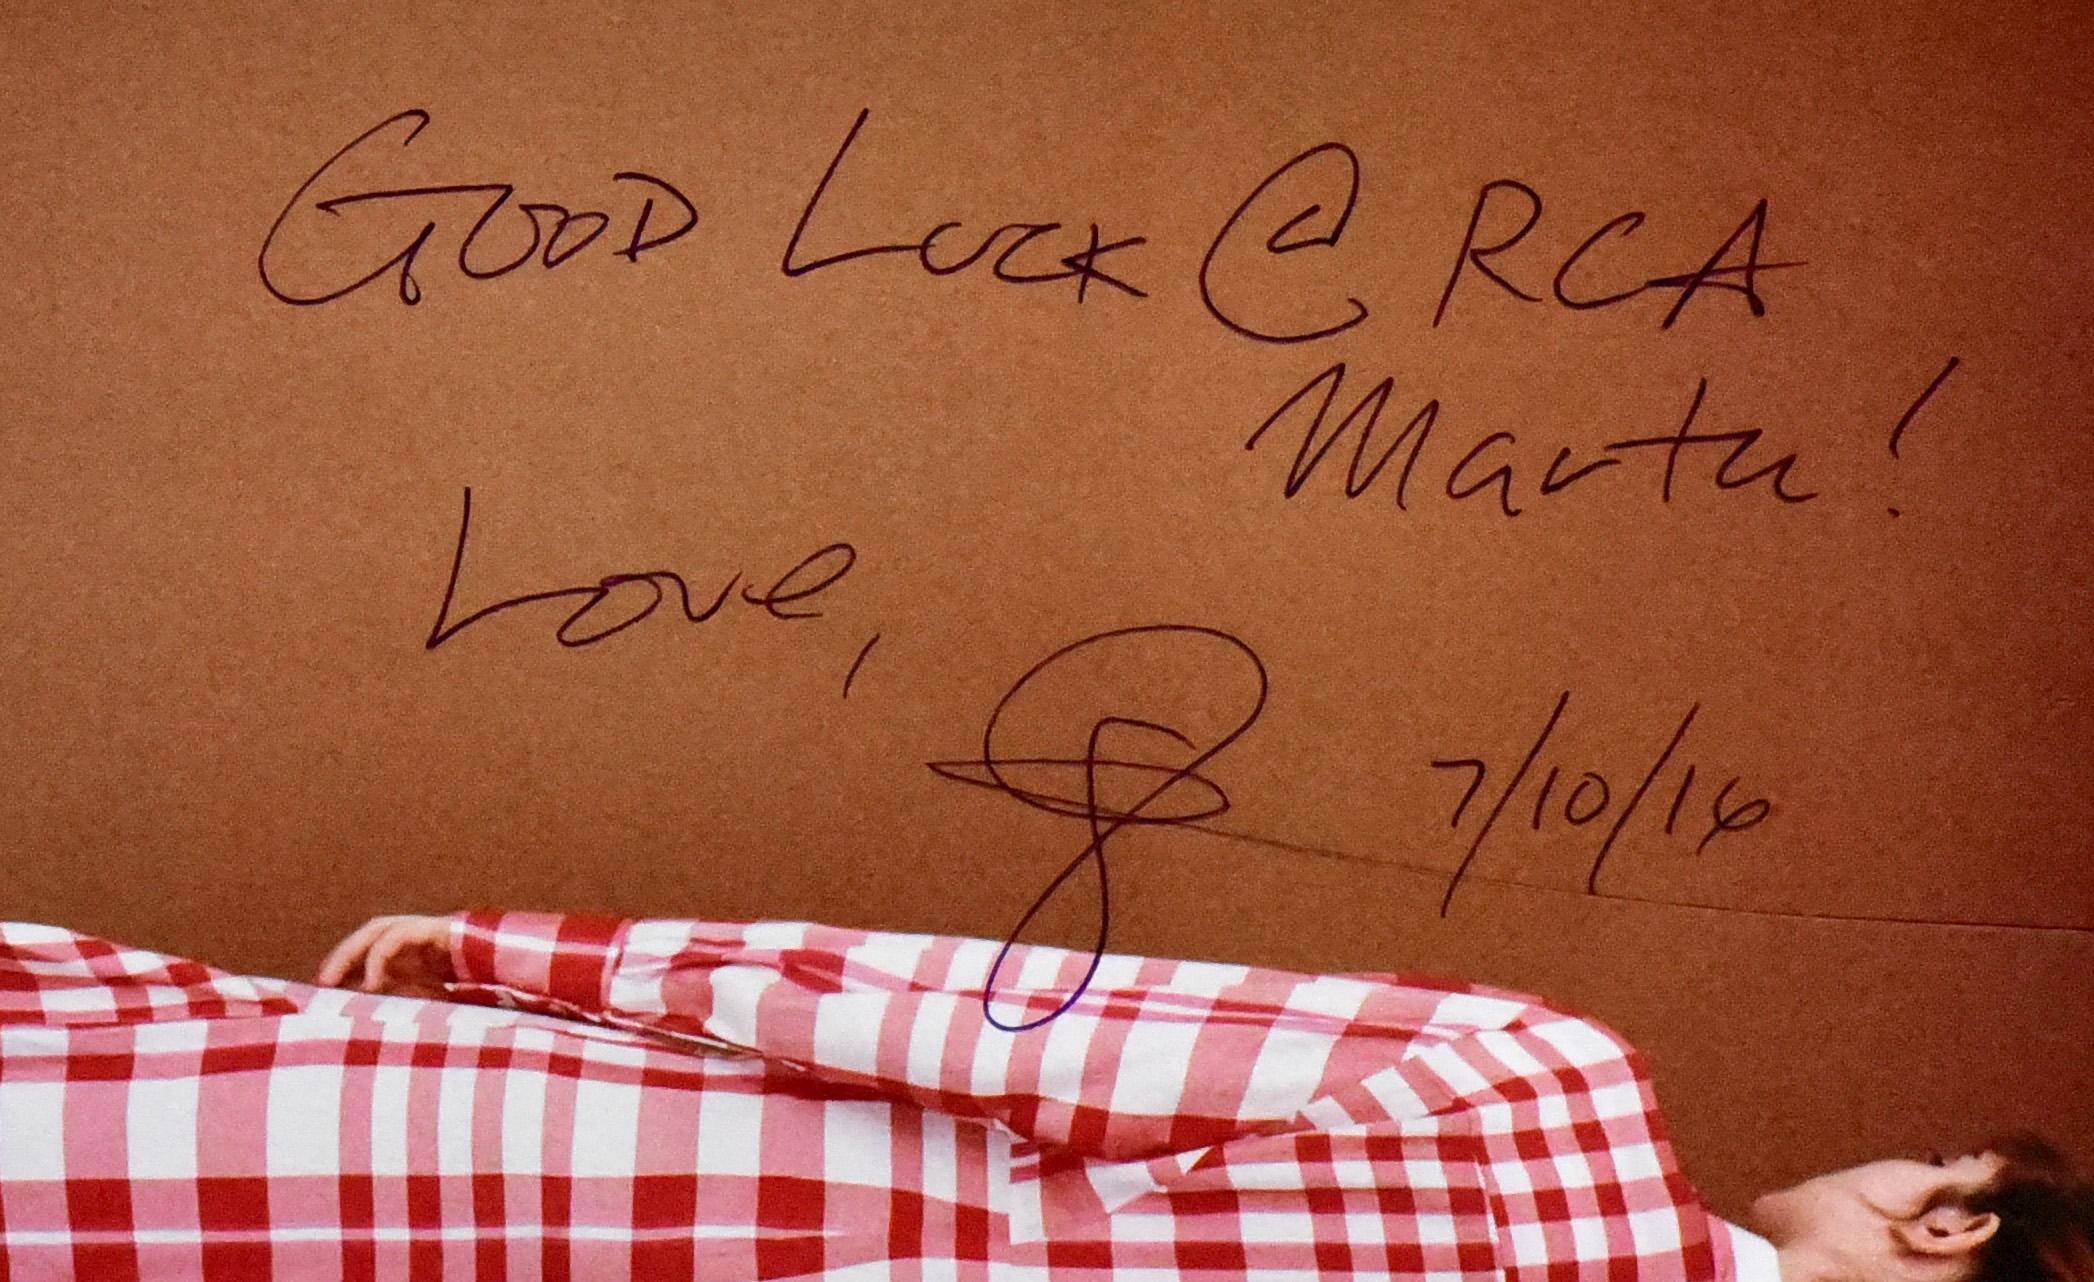 Dear Marta